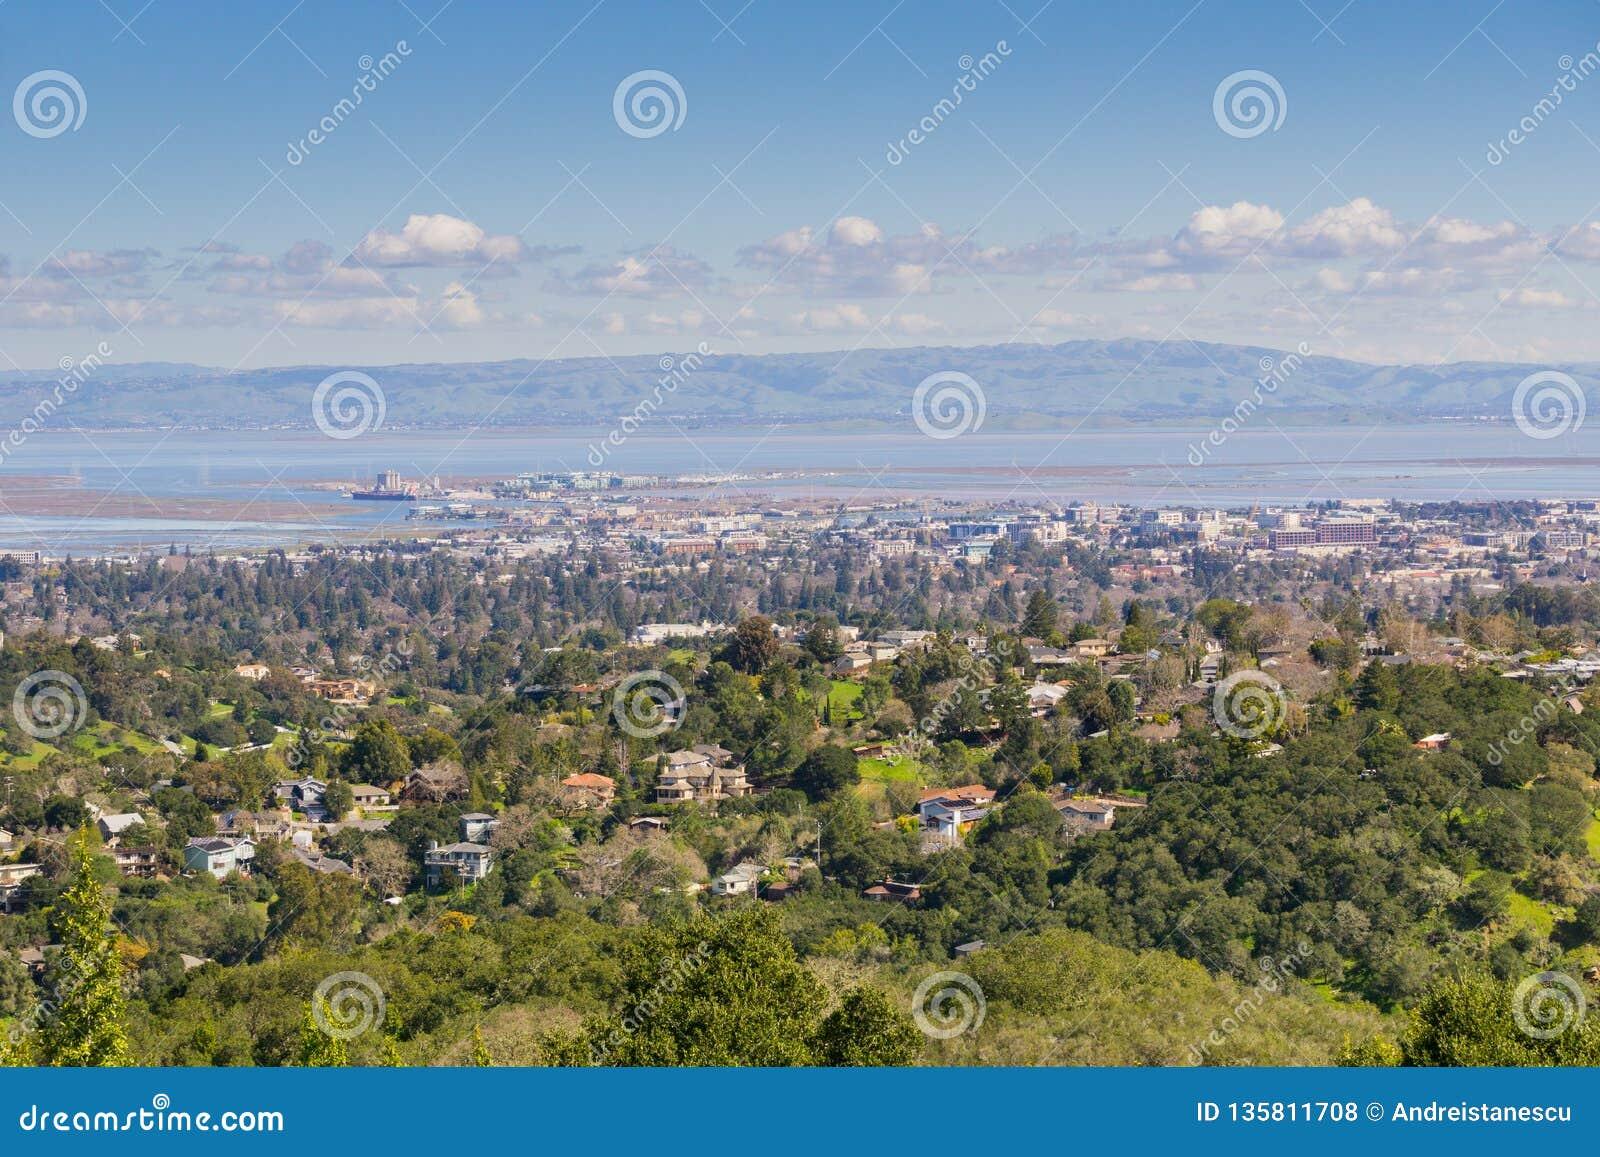 Flyg- sikt av Redwood City, Silicon Valley, San Francisco Bay, Kalifornien